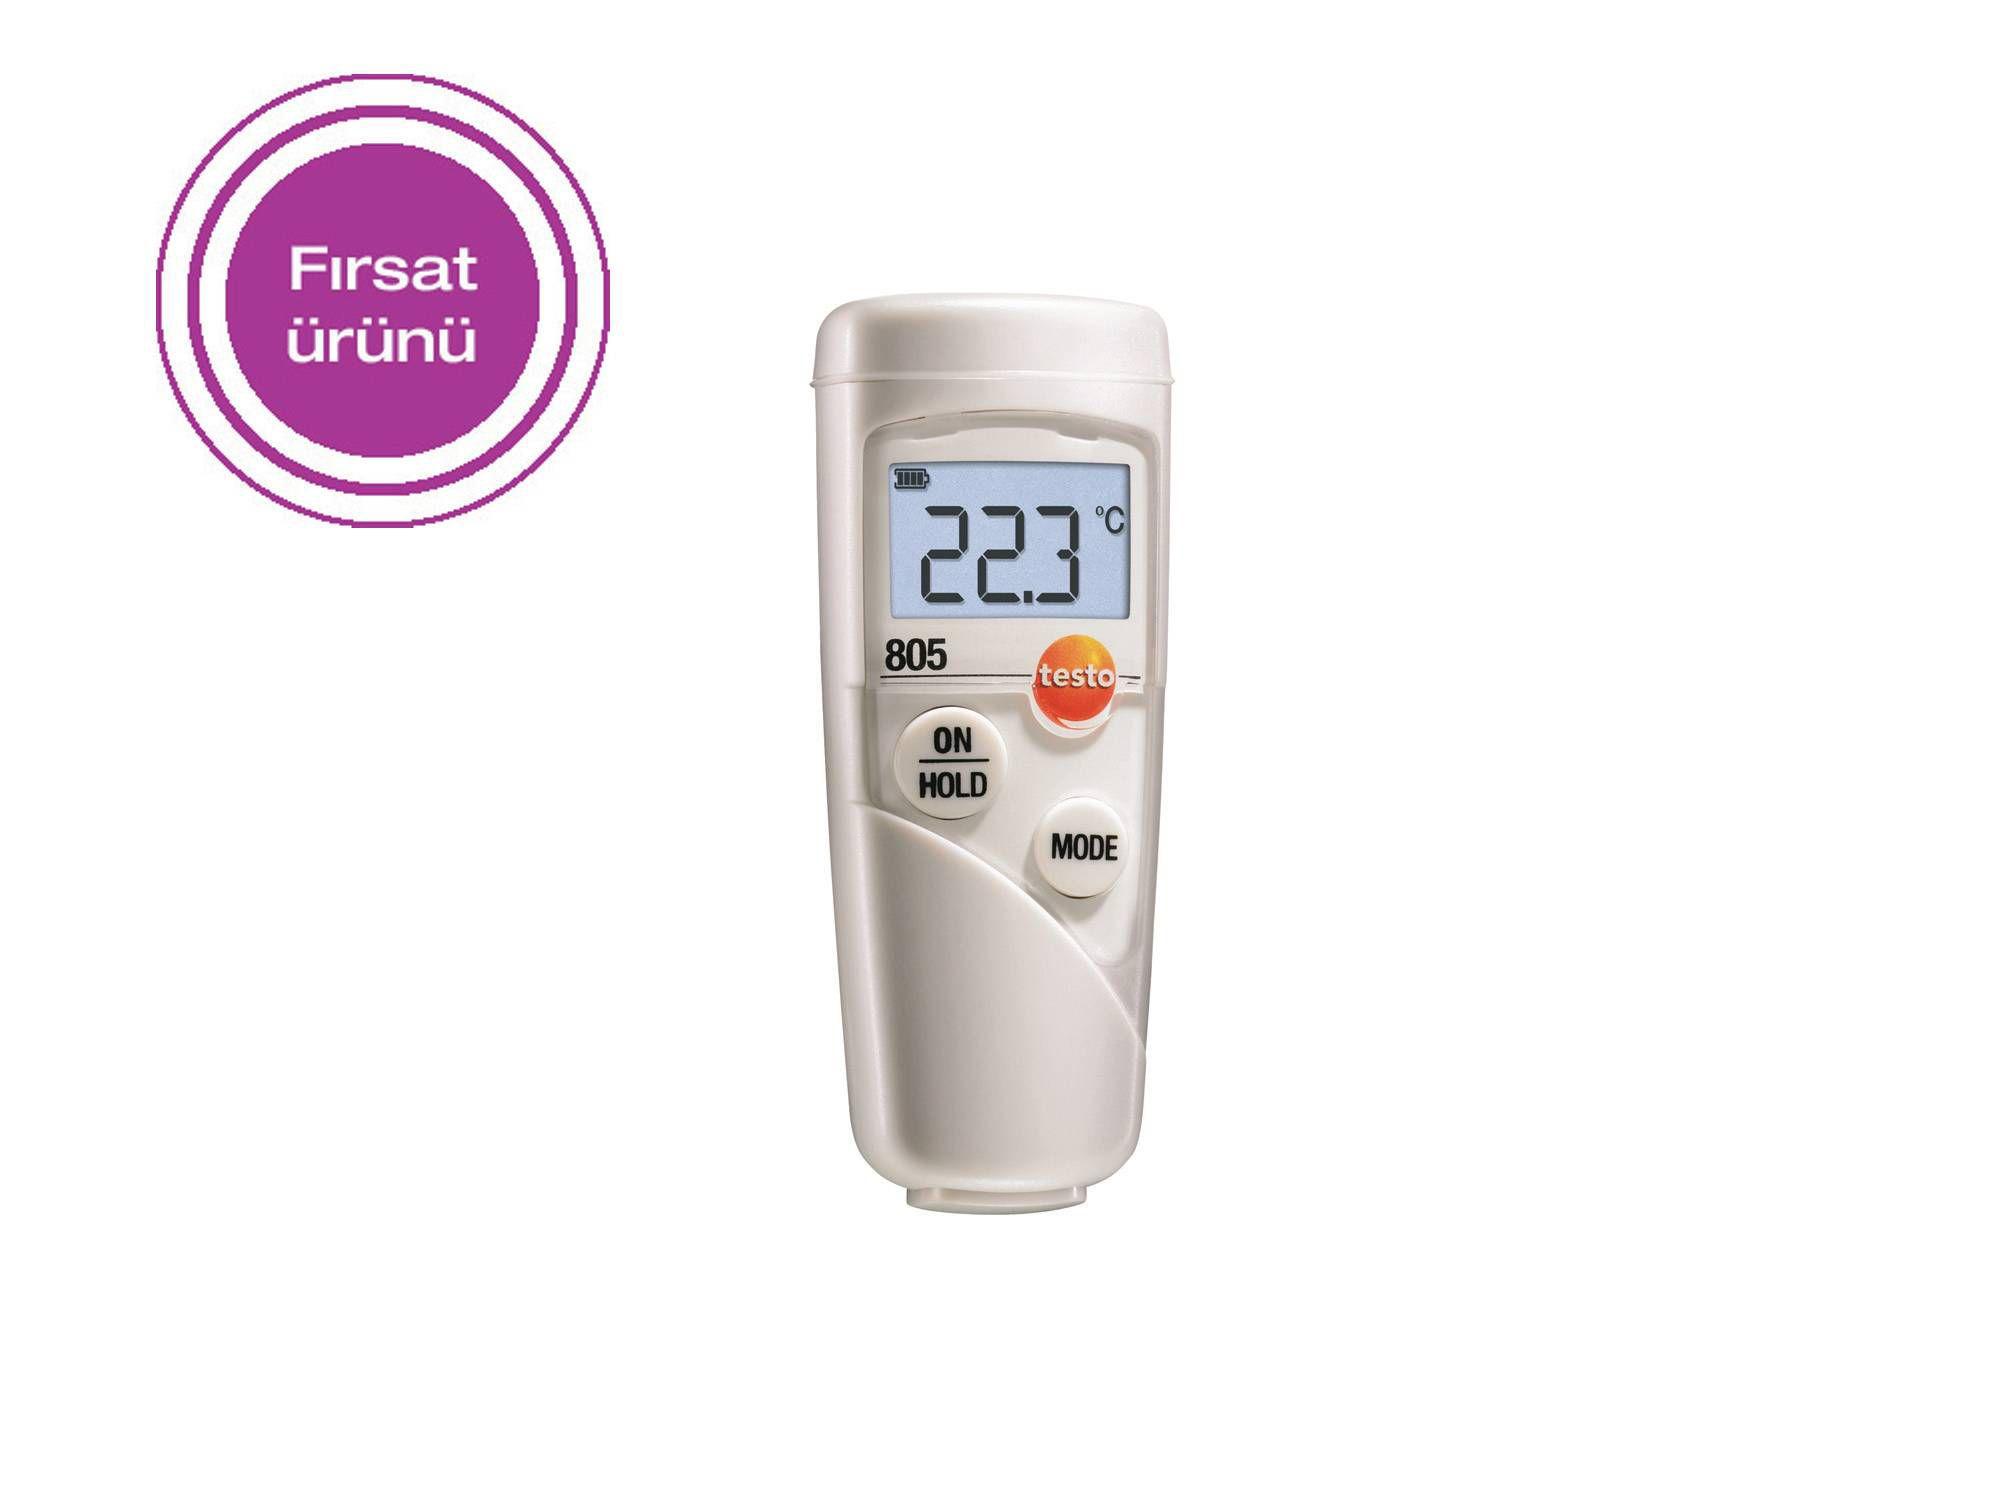 testo-805-mini-infrared-thermometer